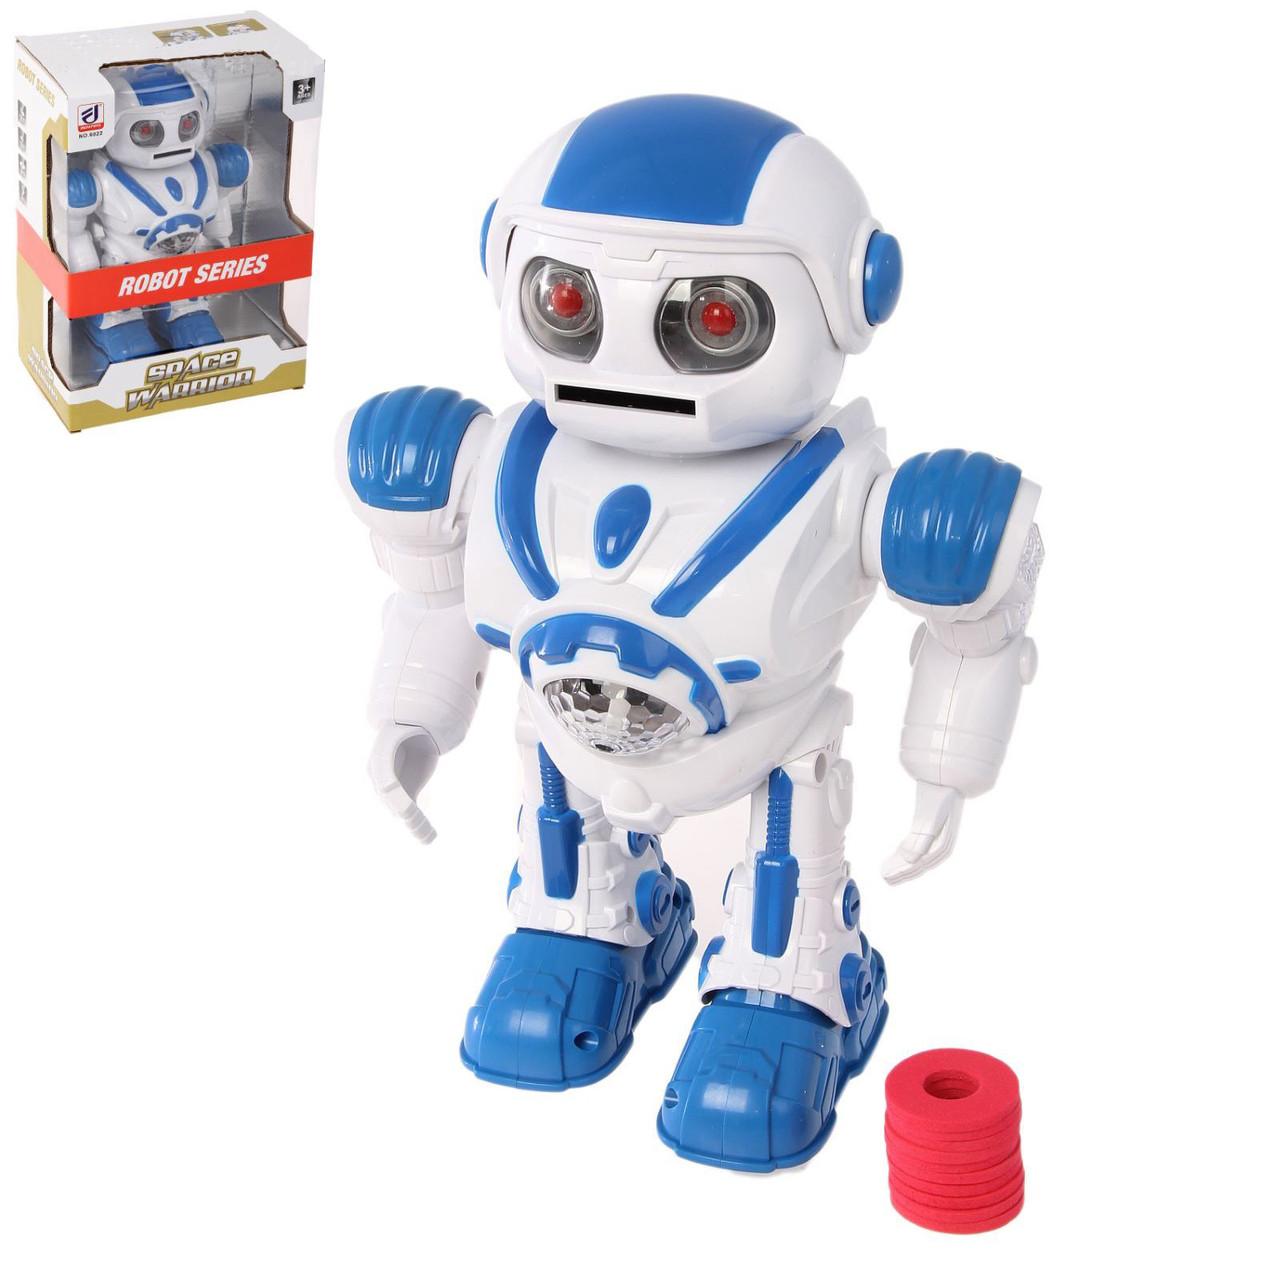 Робот на батарейках Space Warrior Космический воин 6022, свет, звук